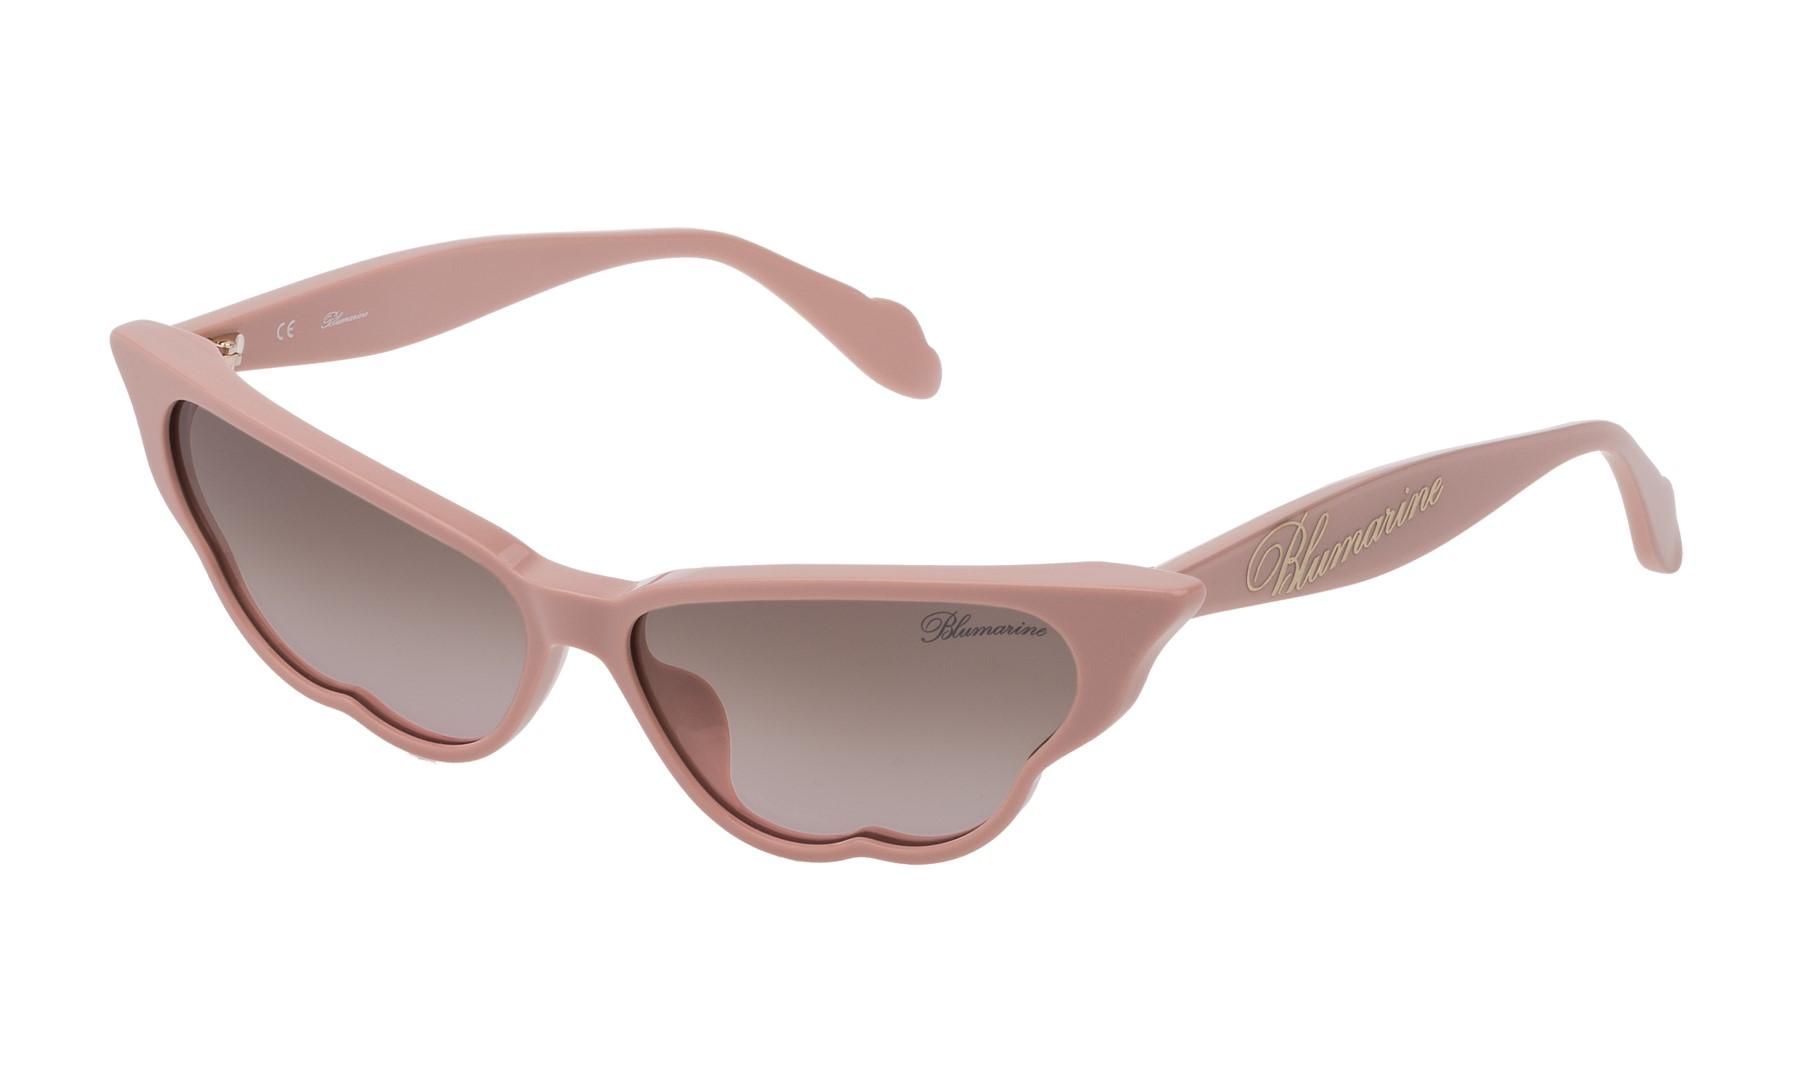 Blumarine occhiali da sole GDL